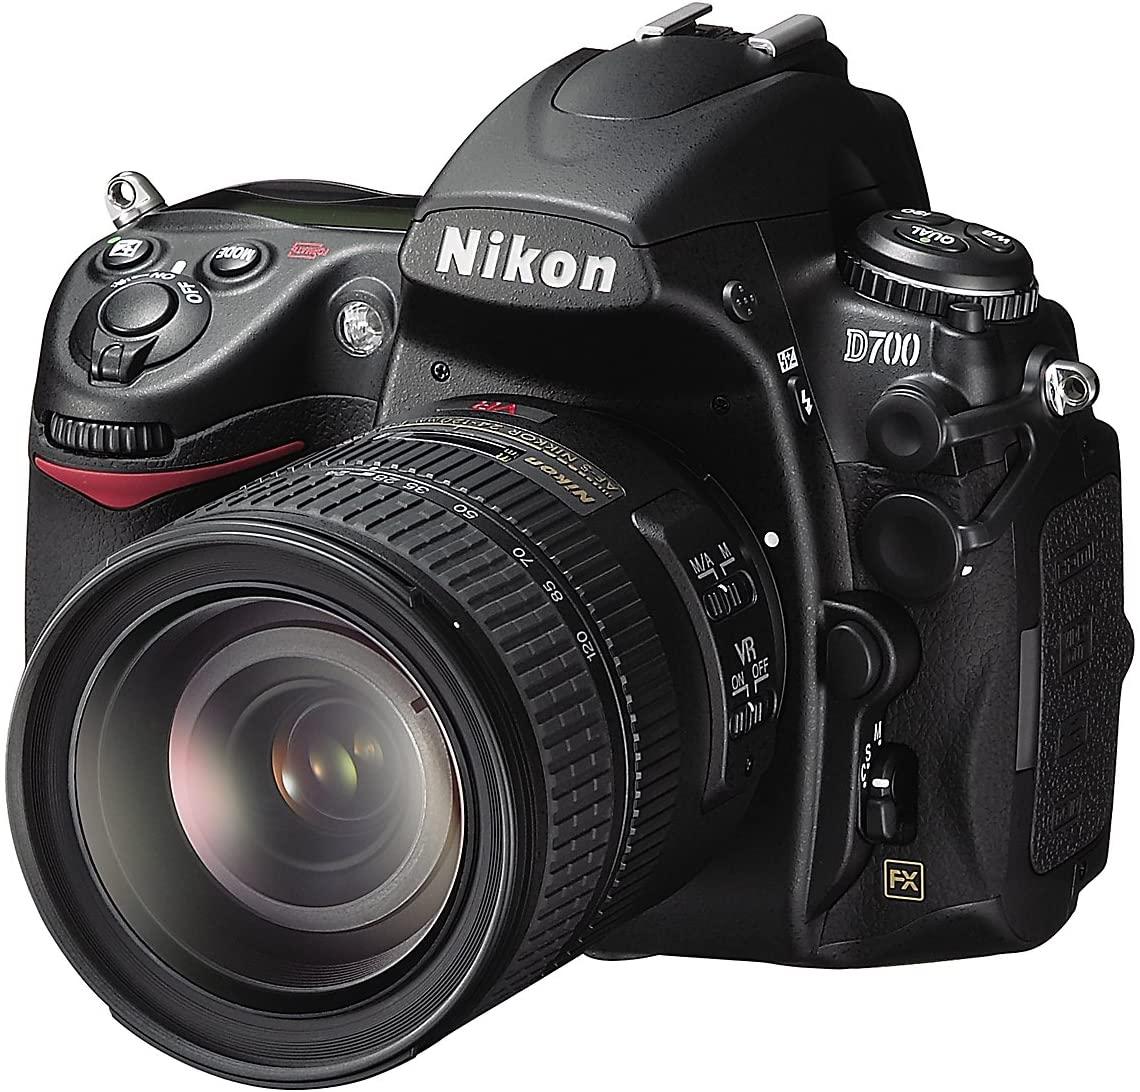 Nikon D700 Price image